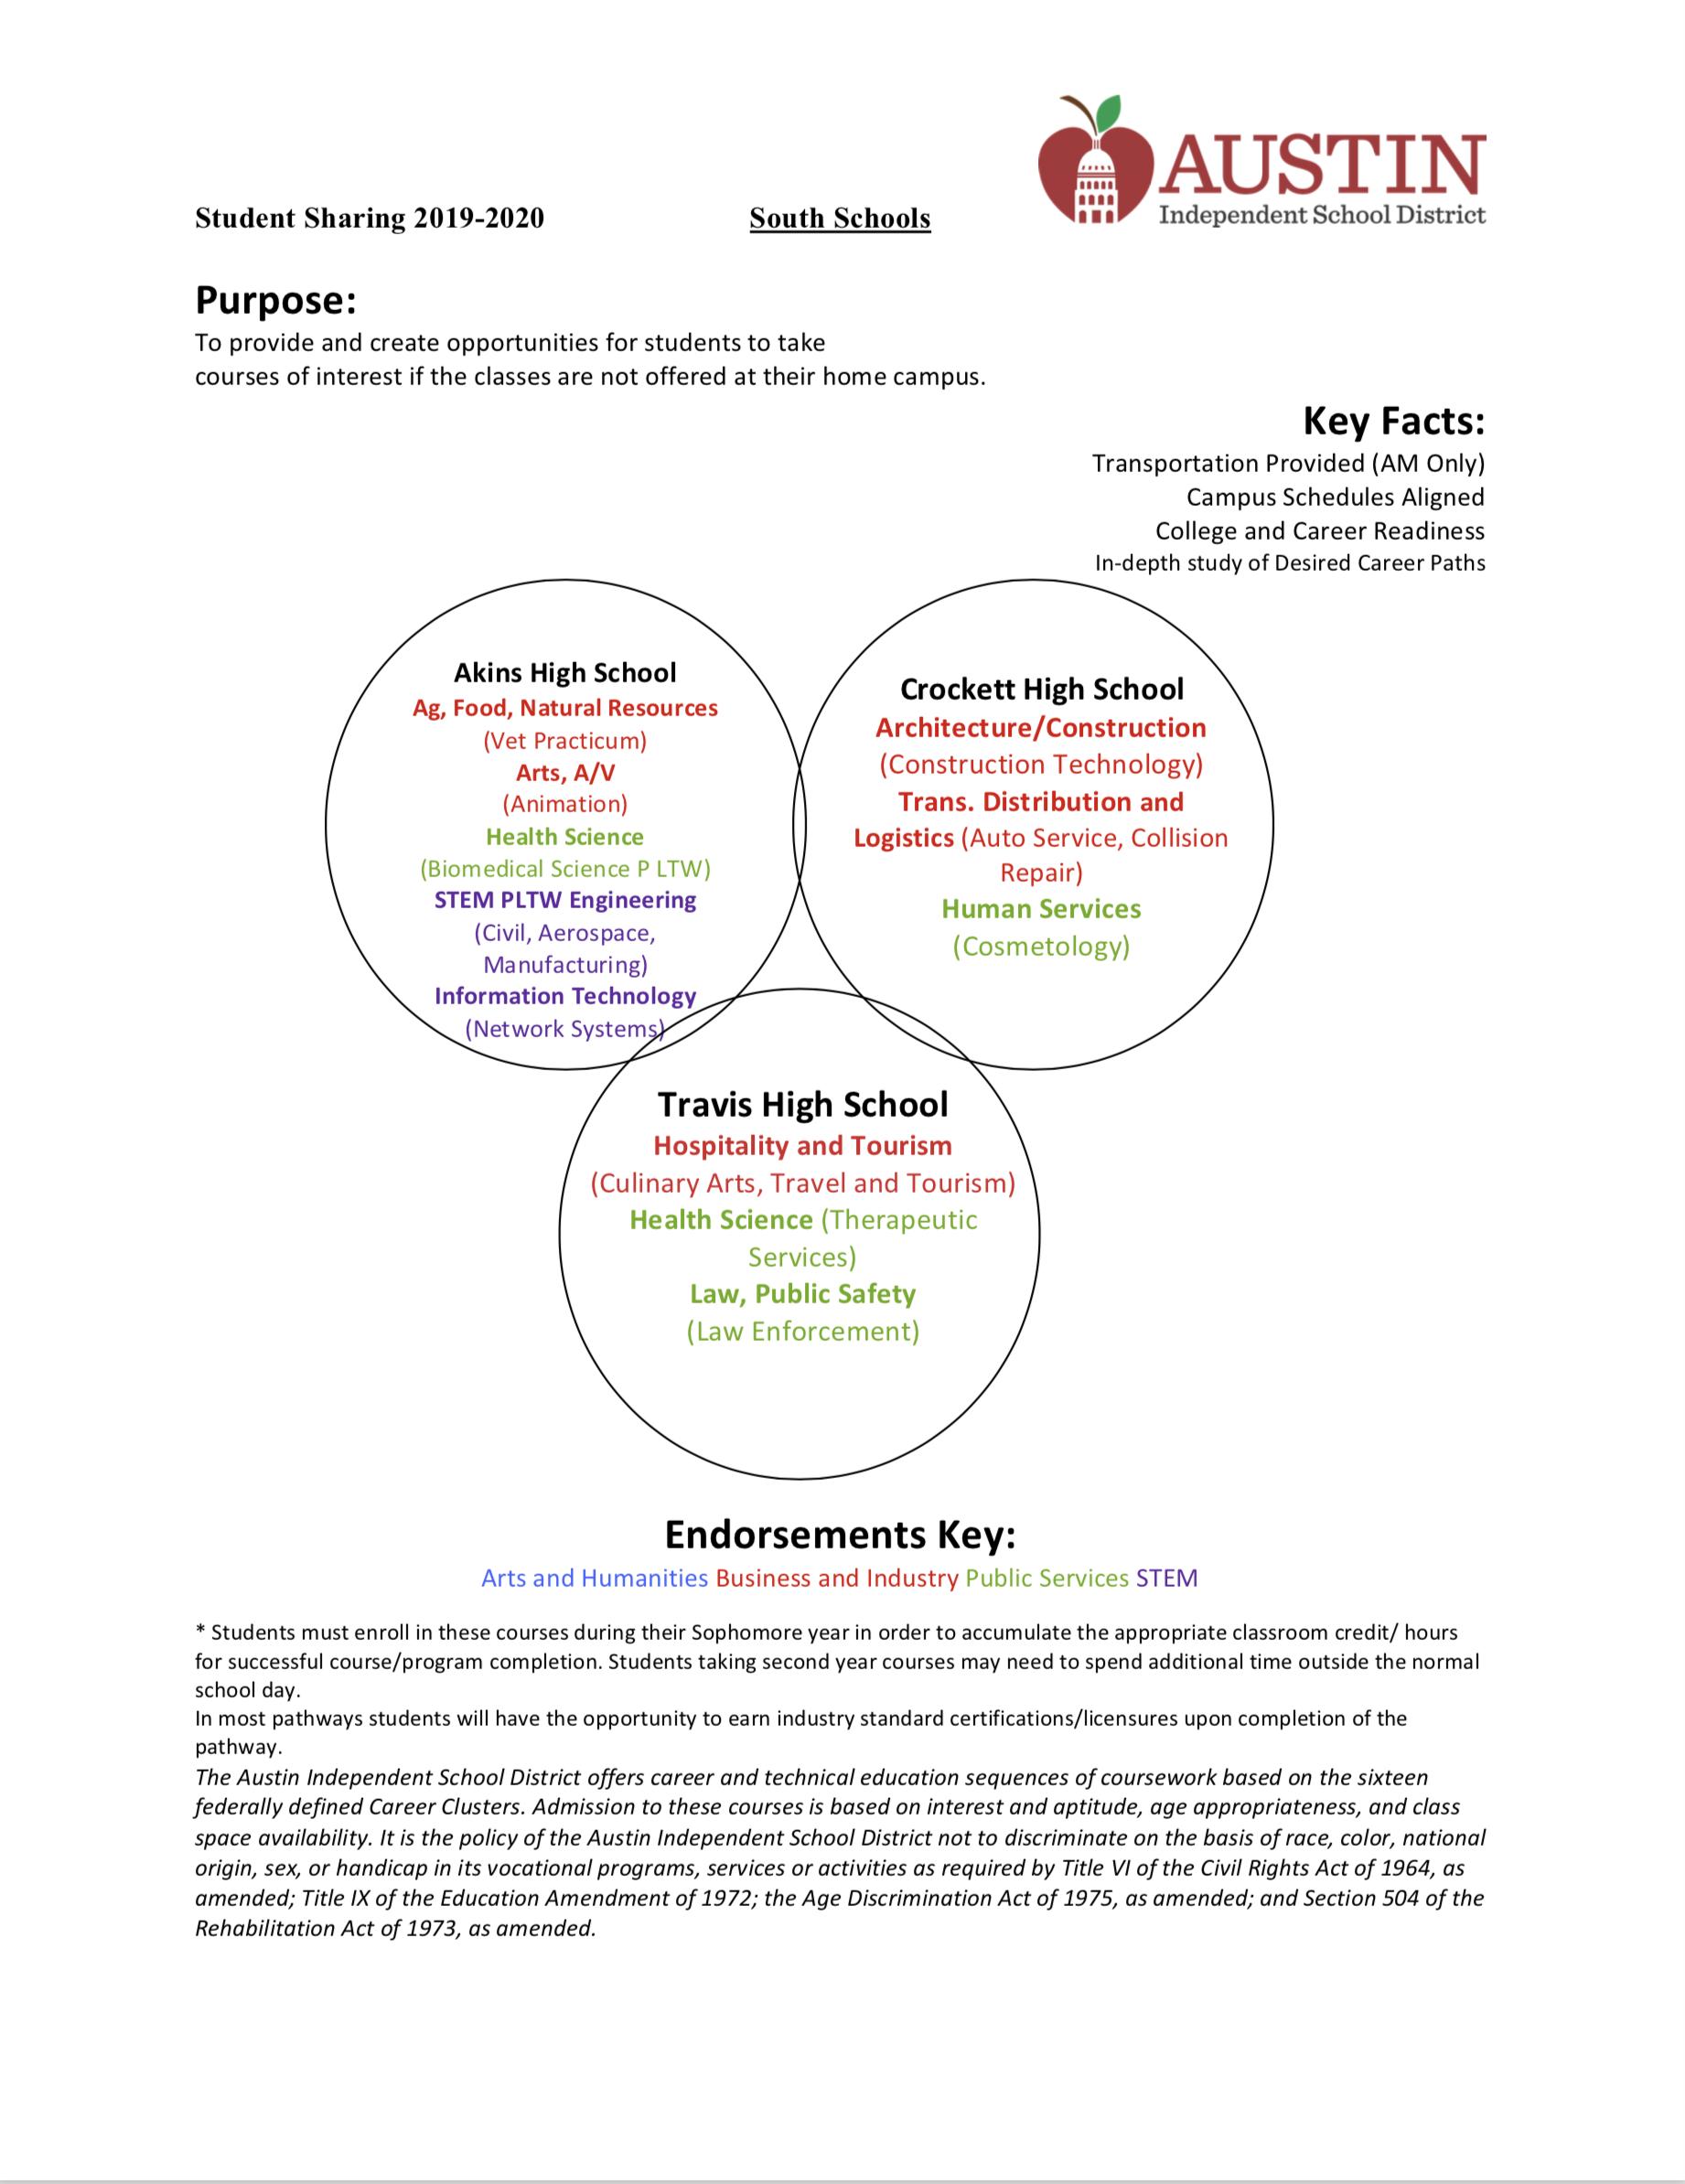 Student Sharing Information – Student Sharing Program